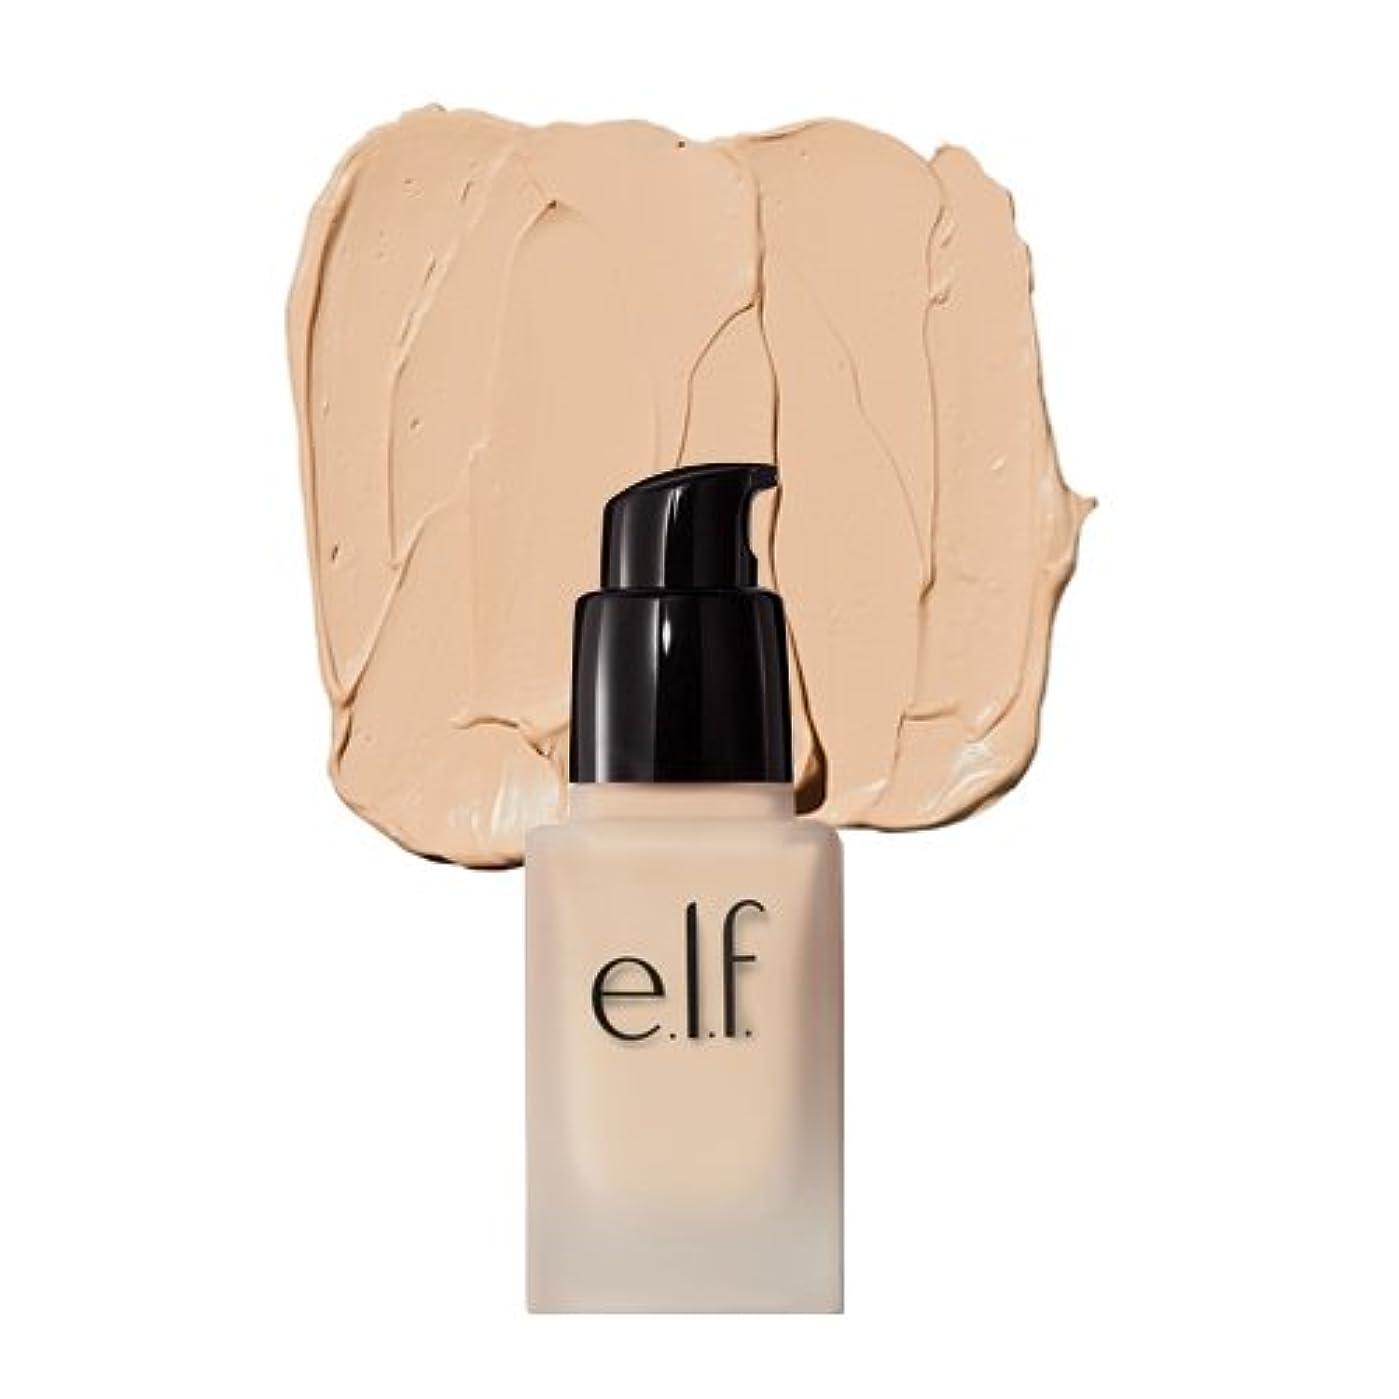 引くのスコア命令的(6 Pack) e.l.f. Oil Free Flawless Finish Foundation - Light Ivory (並行輸入品)